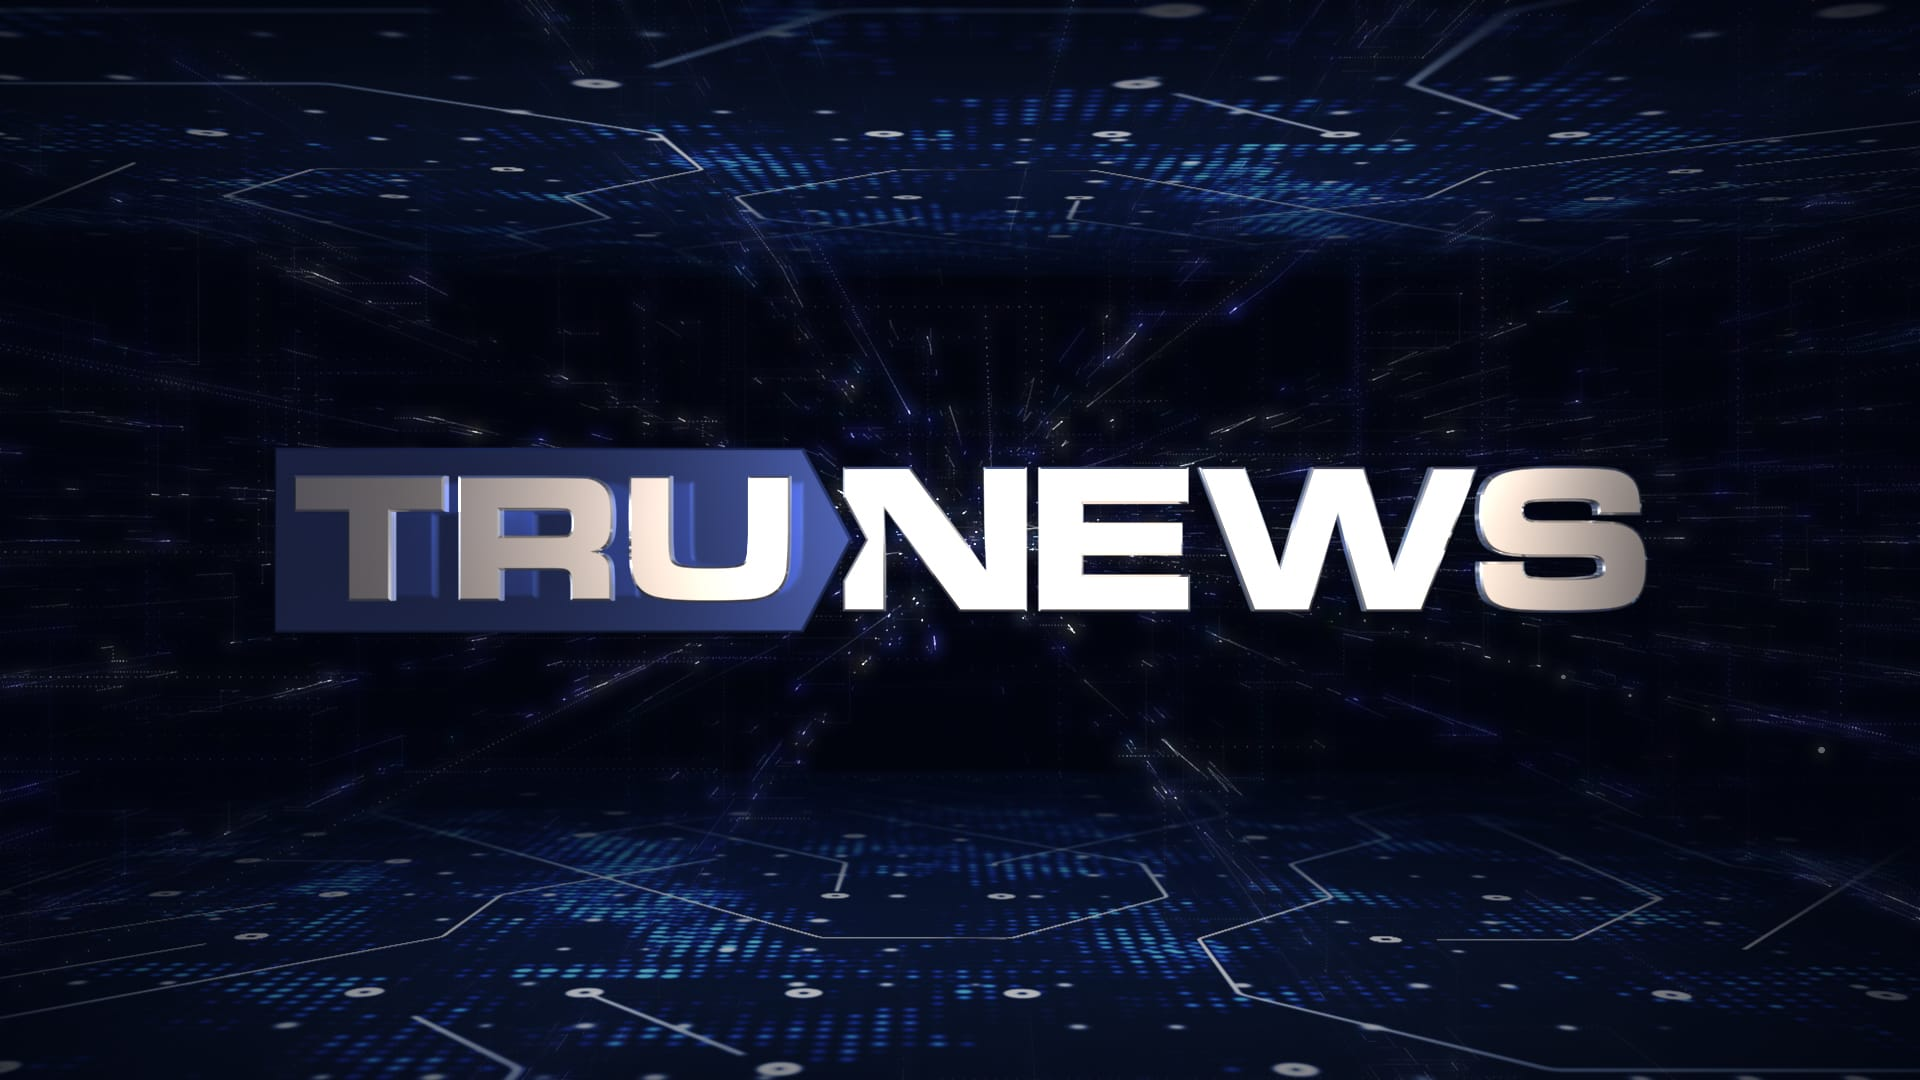 www.trunews.com